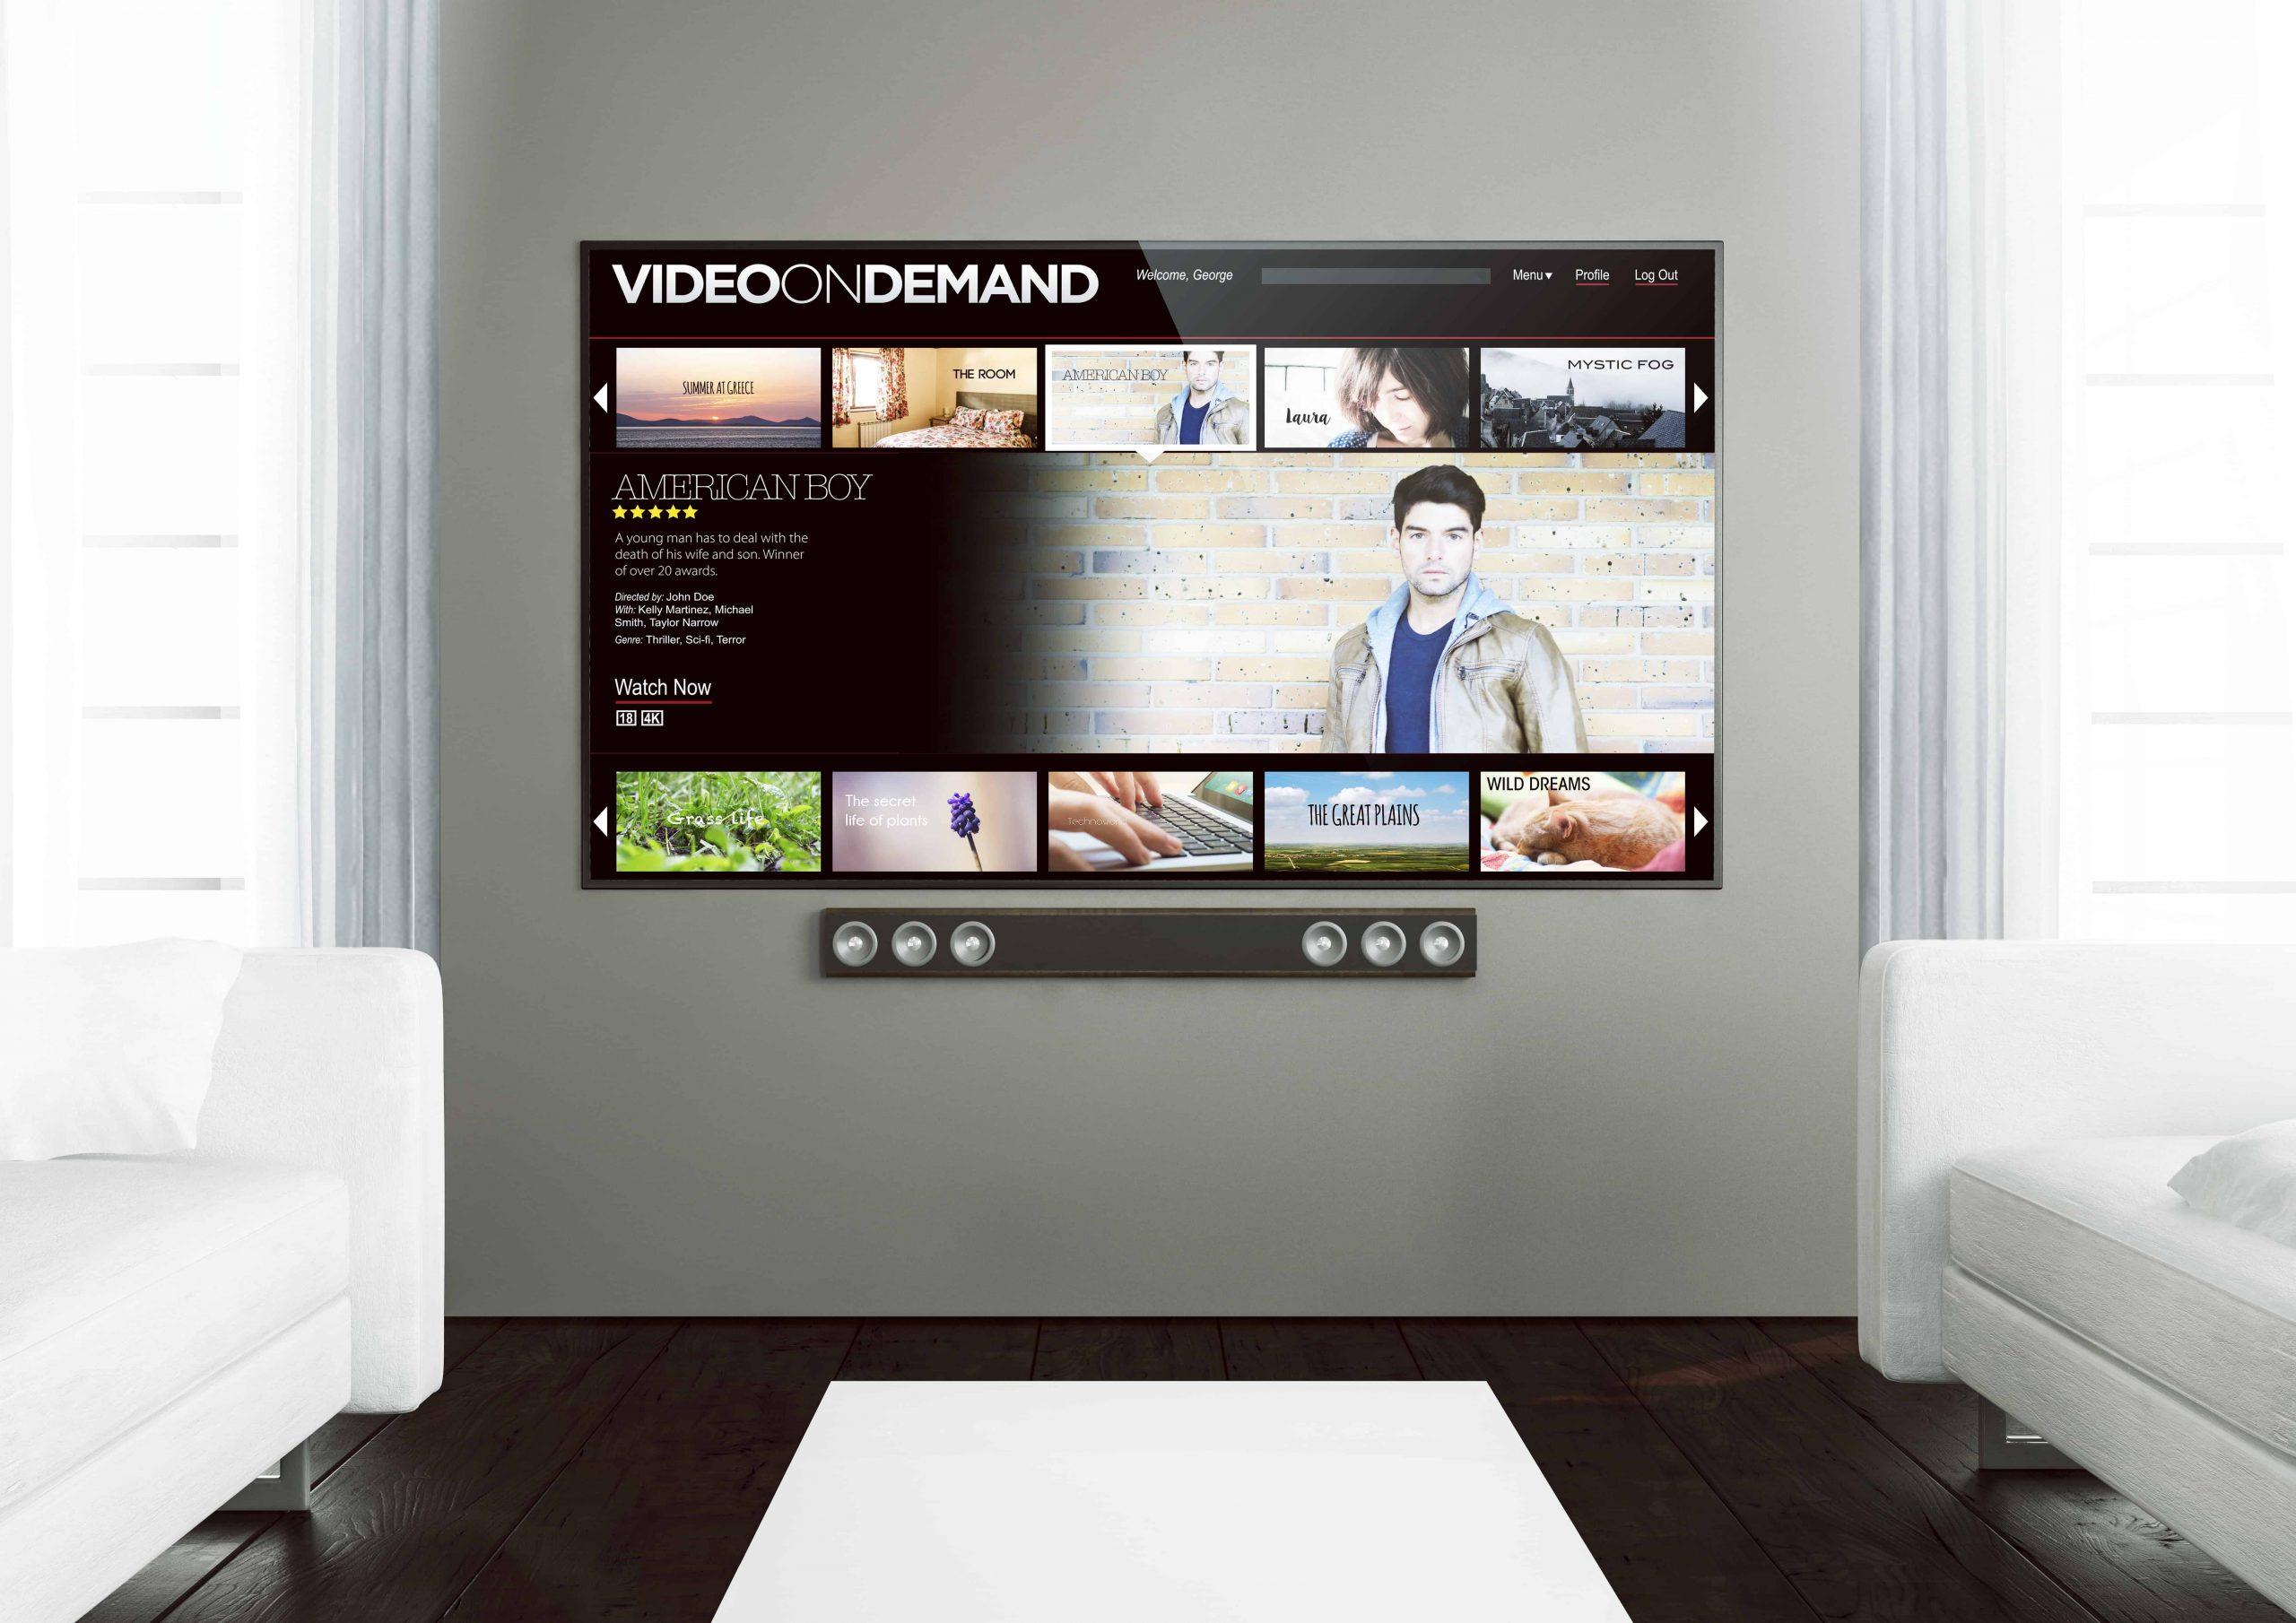 50 Zoll Fernseher: Test & Empfehlungen (04/21)